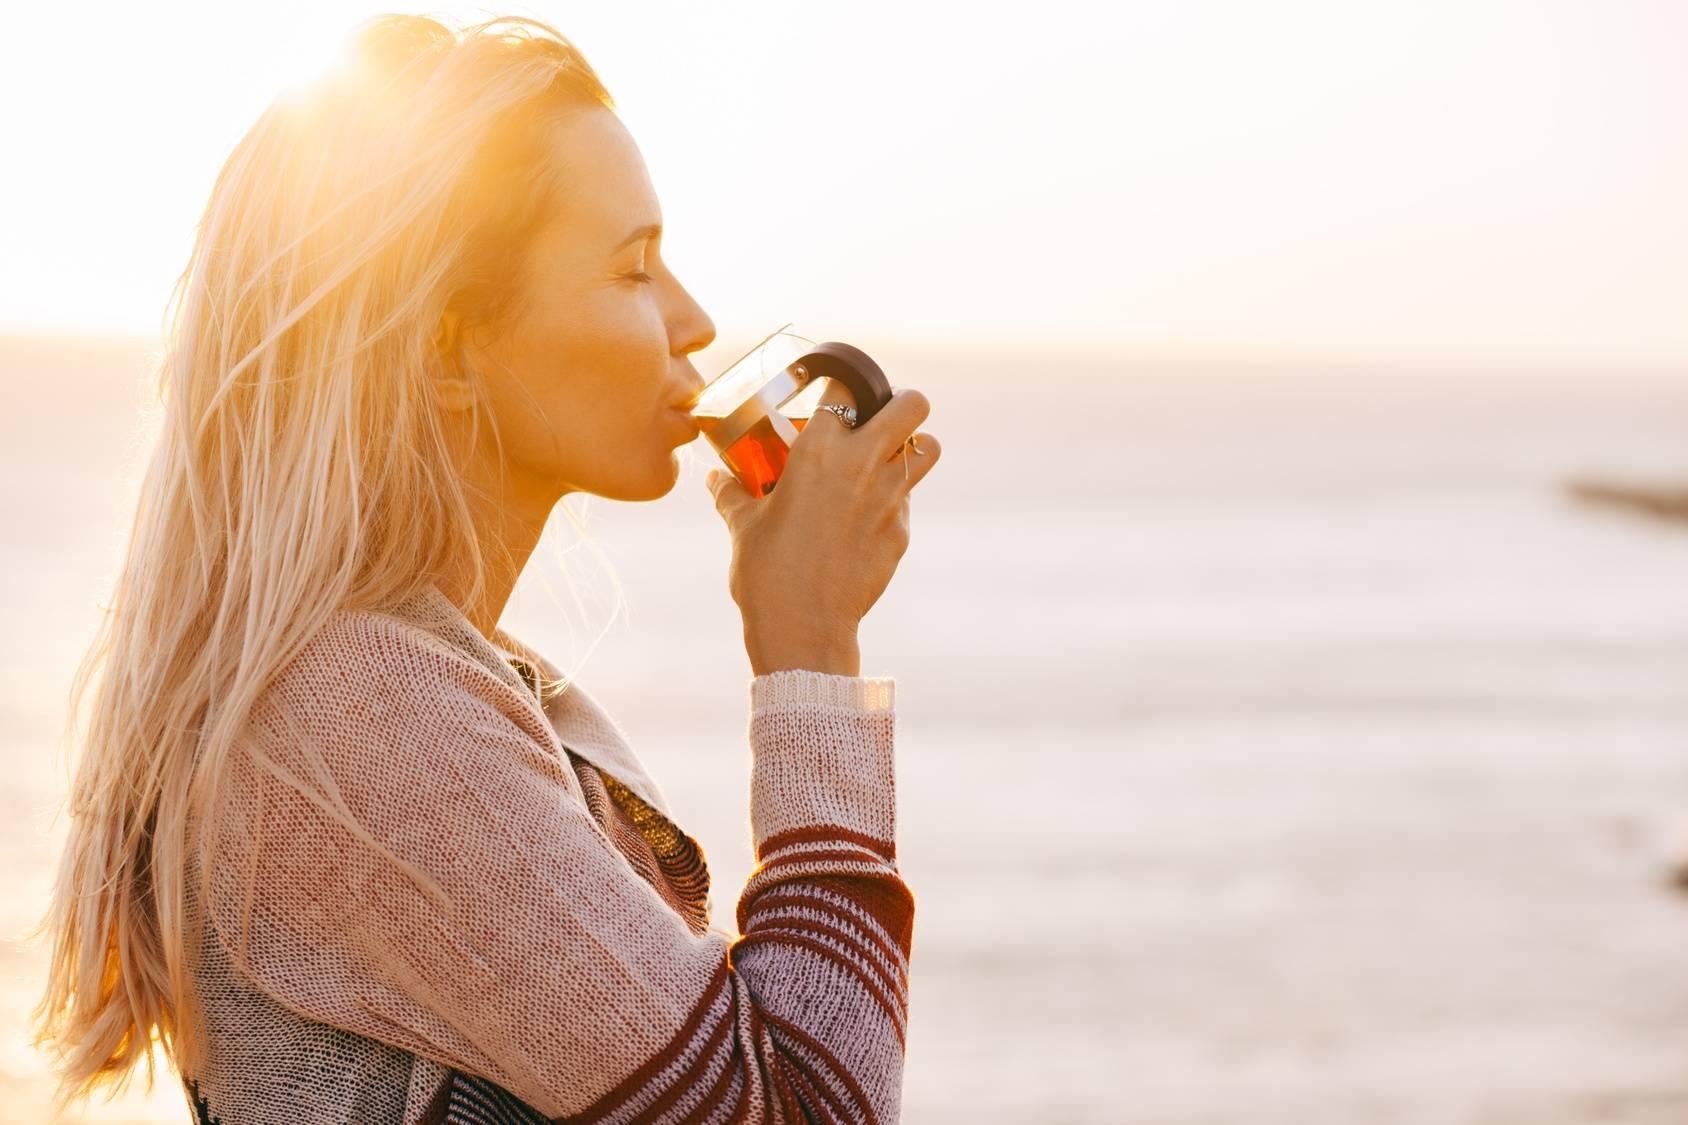 Herbata z morwy białej pomaga poskromić apetyt na słodycze.